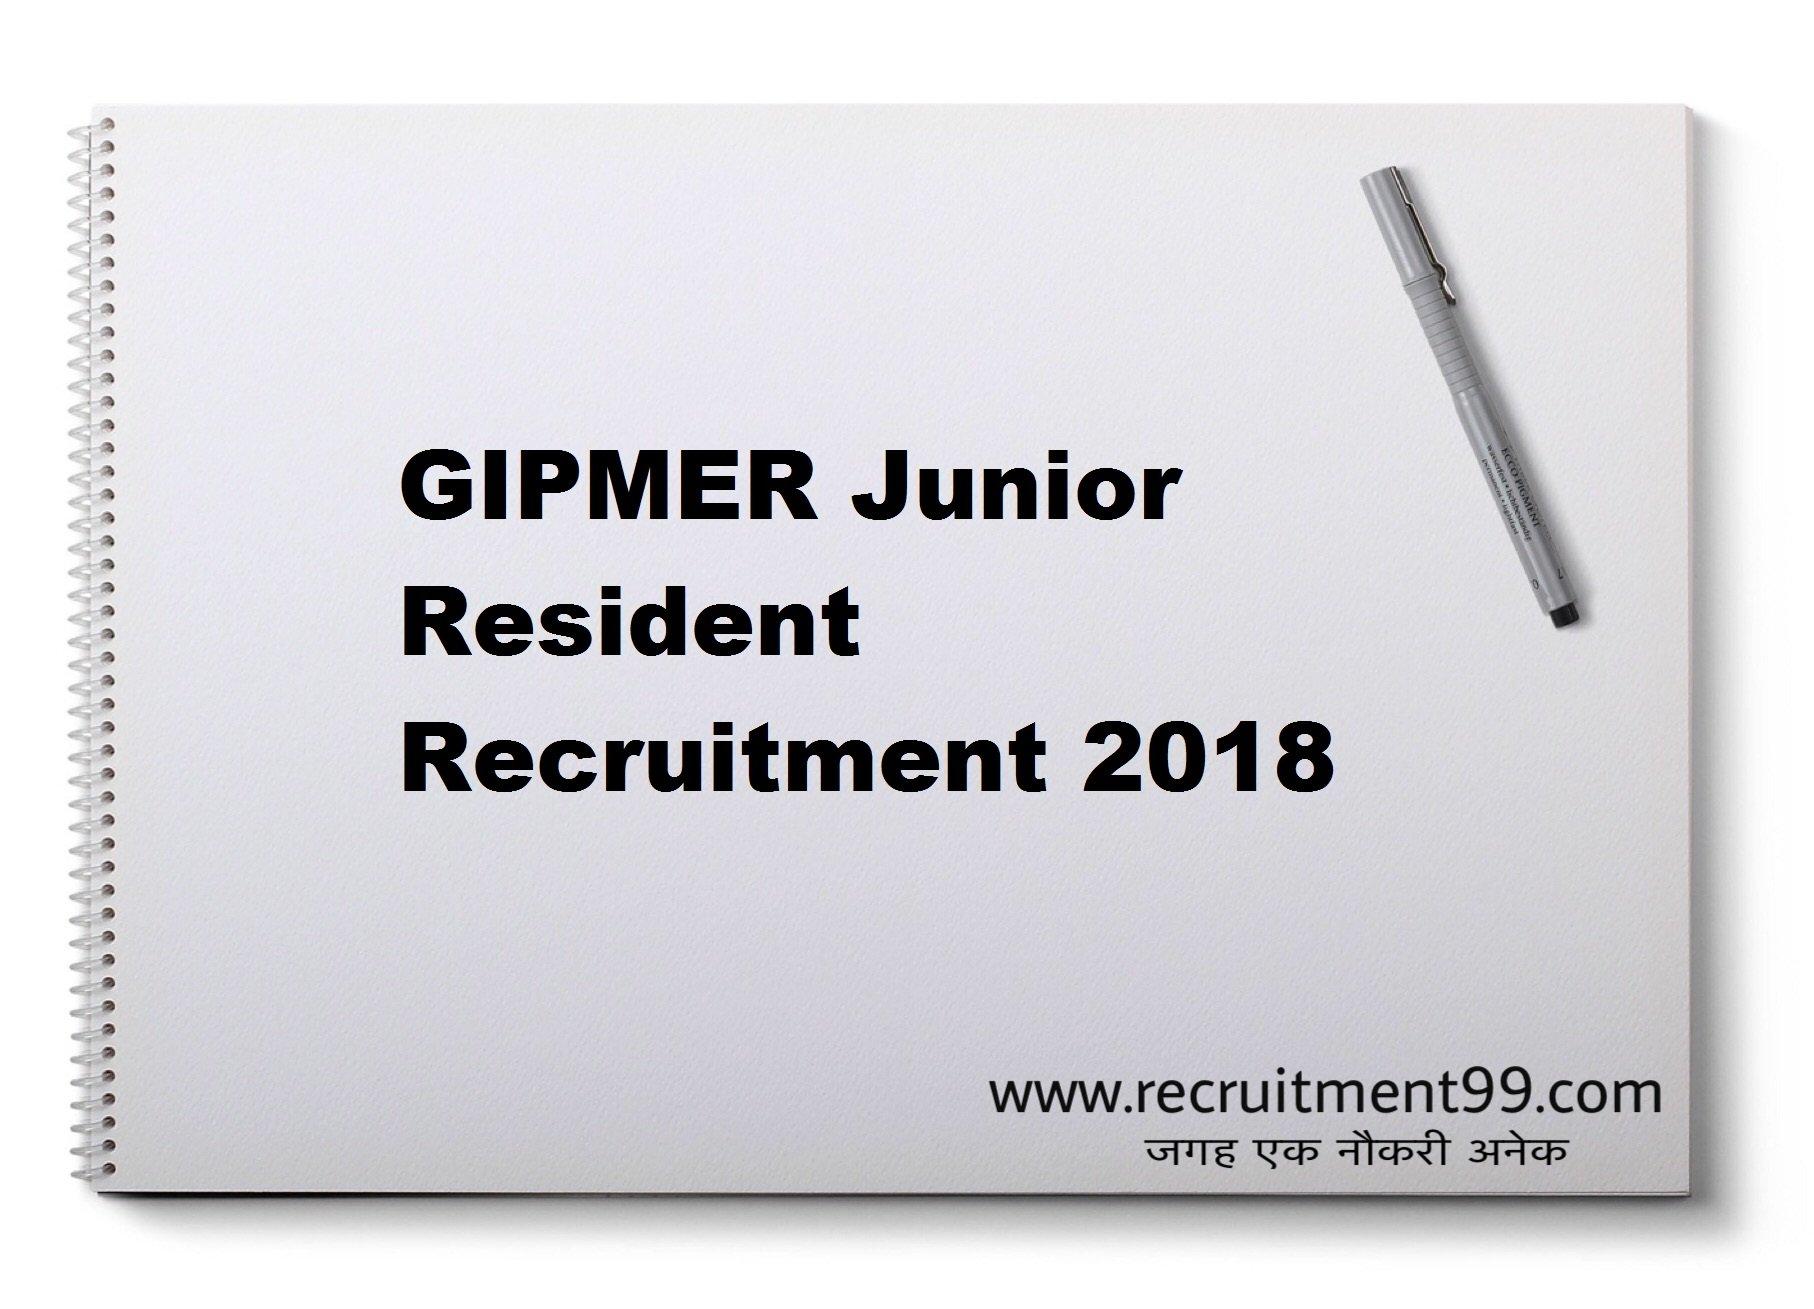 GIPMER Junior Resident Recruitment Admit Card Result 2018